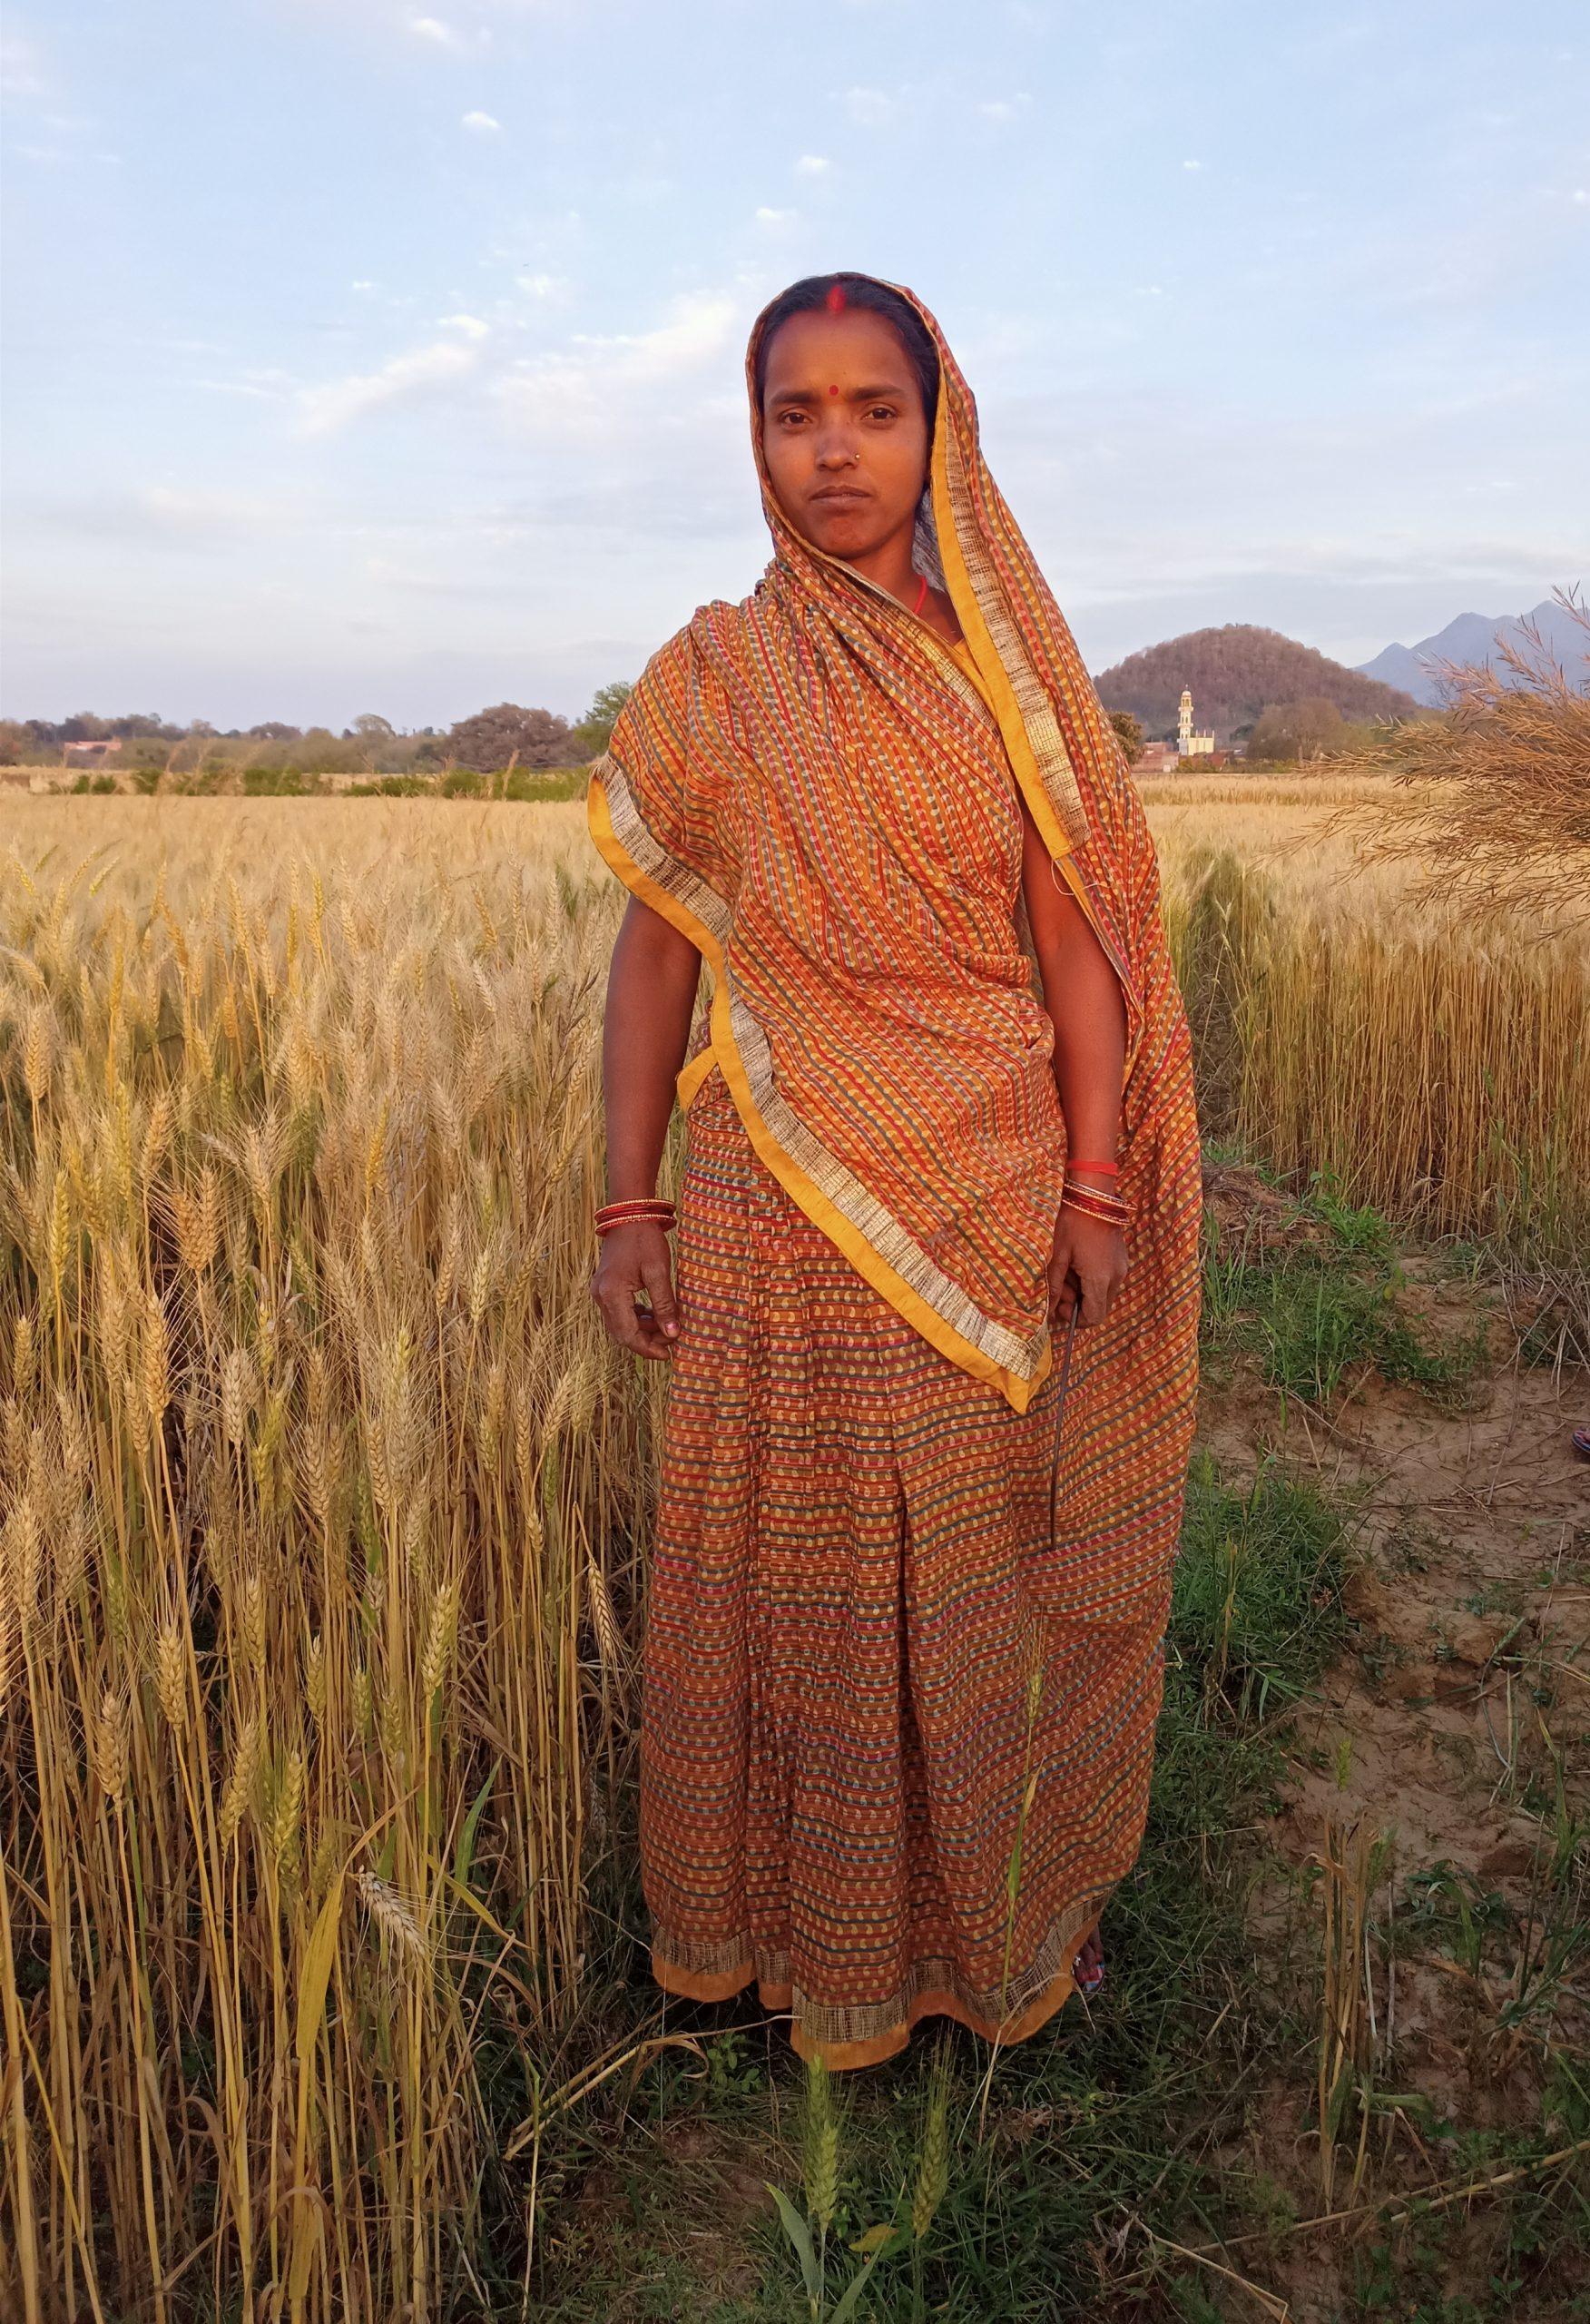 Portrait of a lady farmer